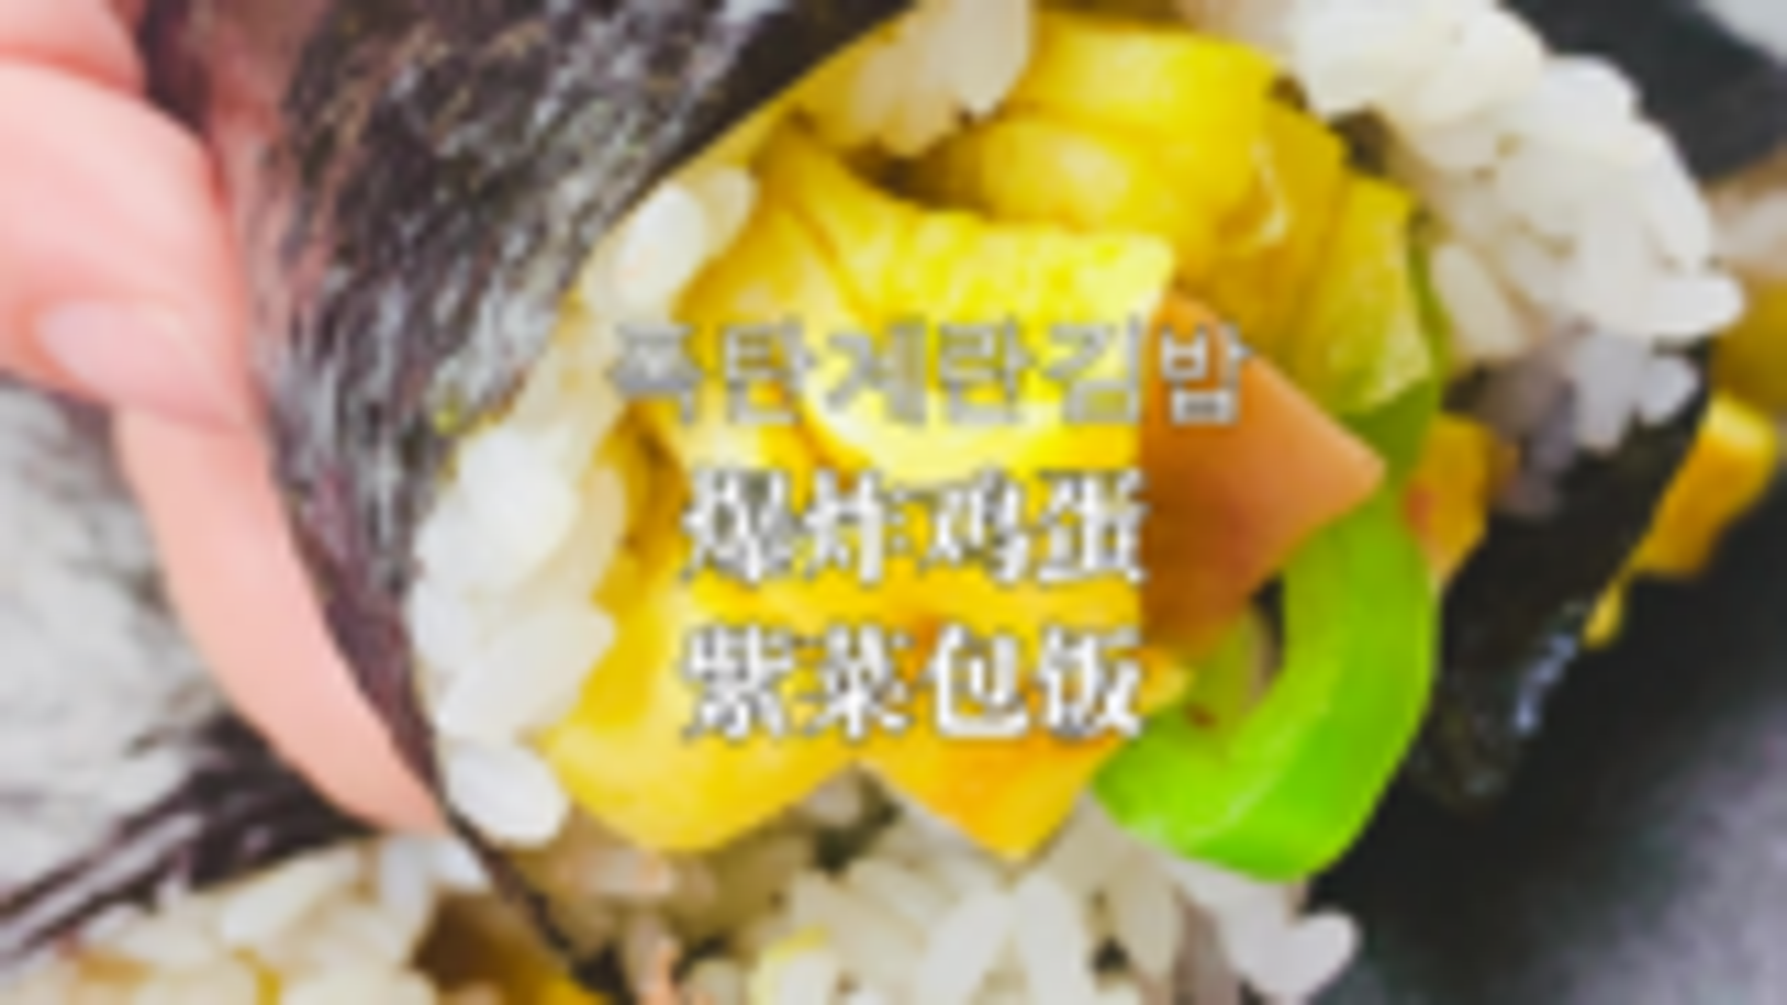 这款韩国美食究竟有何魔力,为什么连中国的宝宝们都超级喜欢呢?